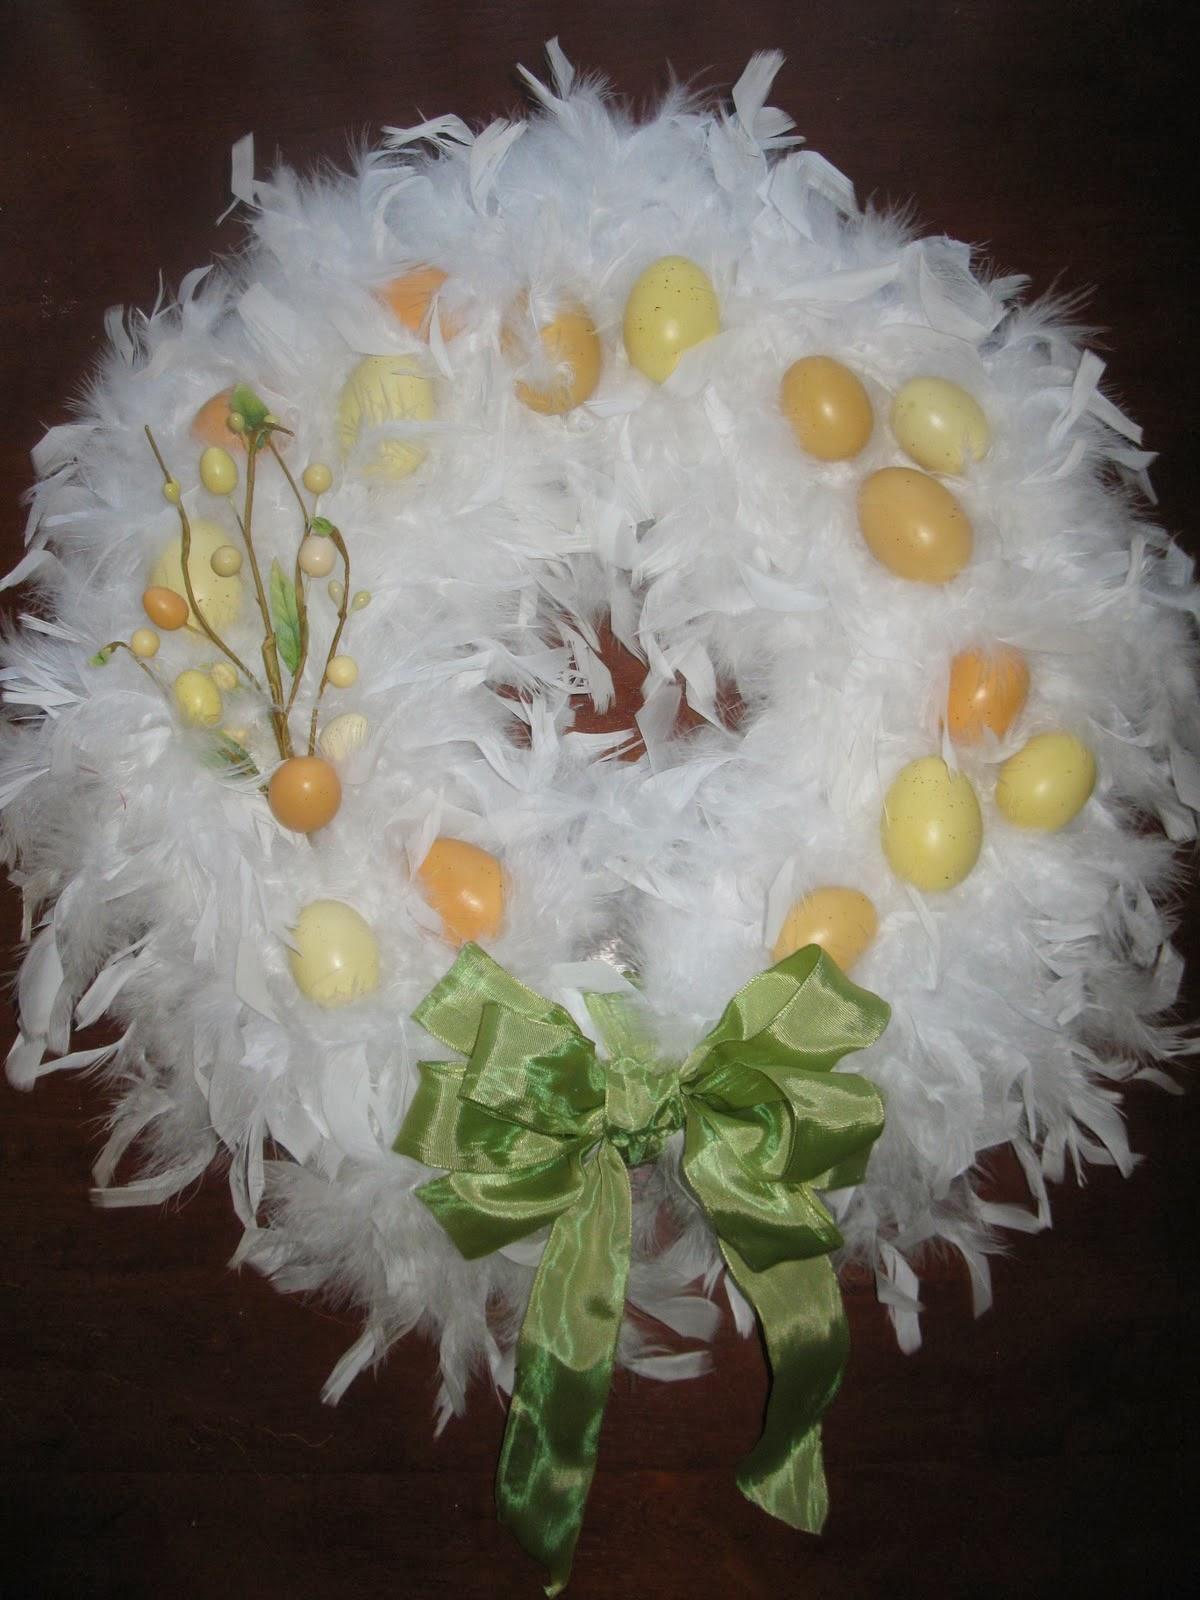 Coronas de Pascua, parte 3